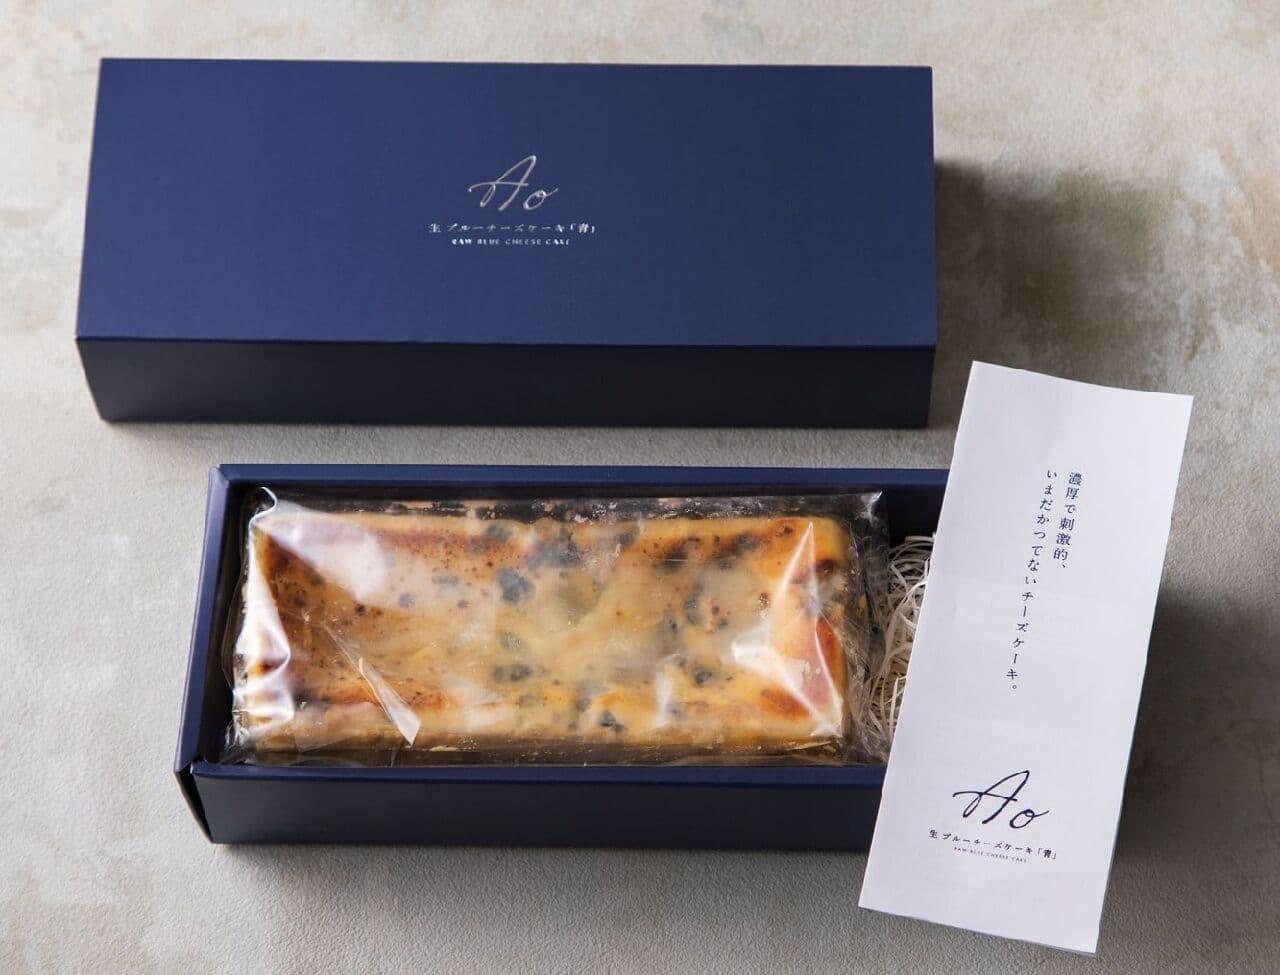 生ブルーチーズケーキ専門店「青」